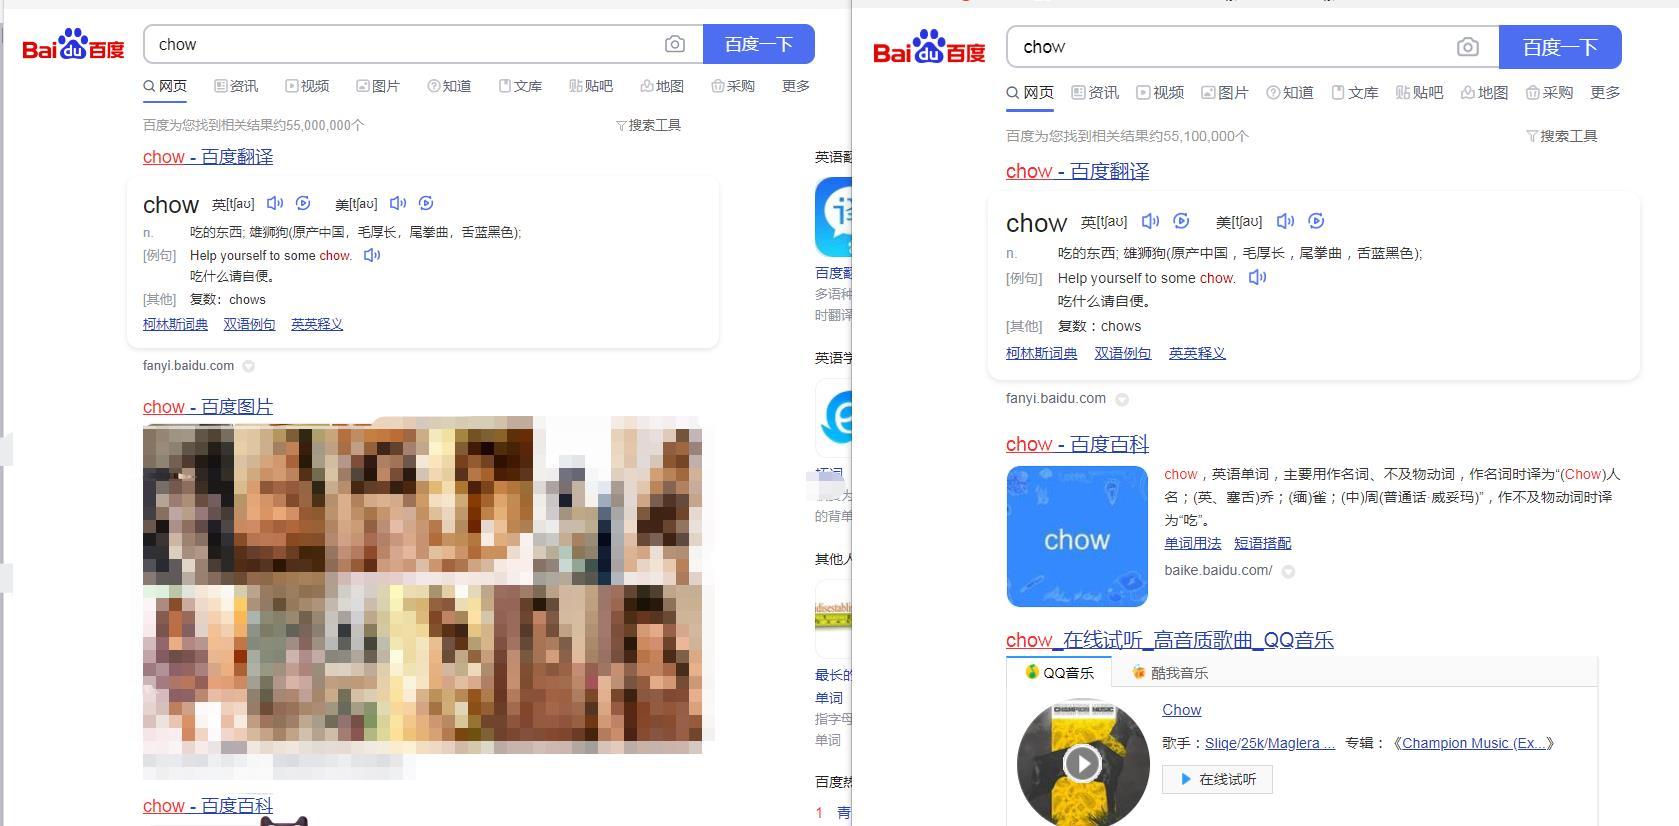 """10月30日上午,澎湃新闻通过百度搜索""""chow""""一词,页面出现不良图片(左);同日下午,澎湃新闻再次检索,搜索结果页面中不再出现前述图片(右)。"""